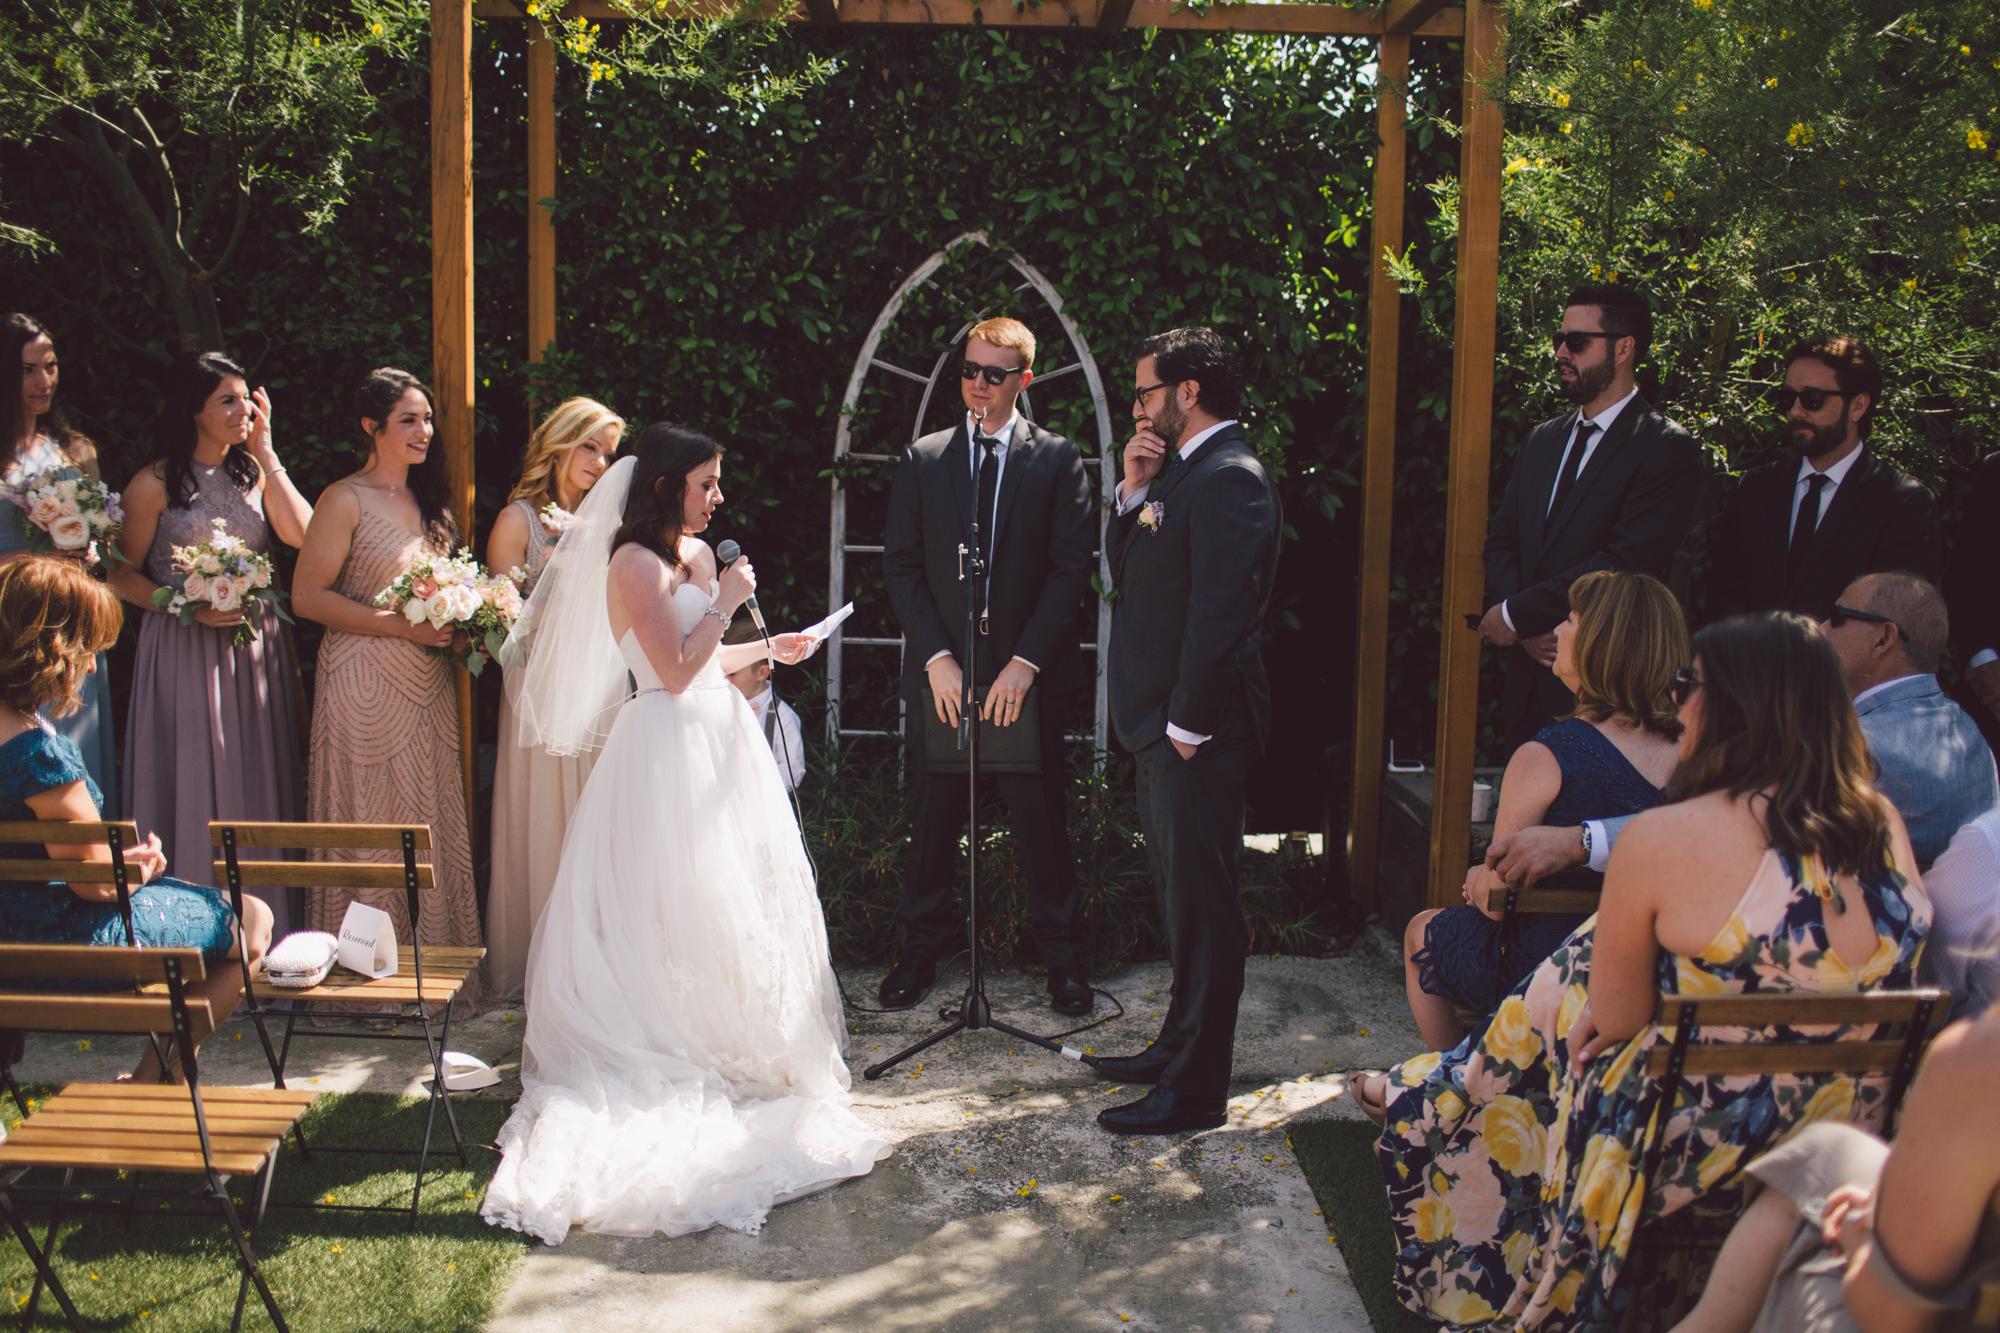 outdoor ceremony-los angeles-cool wedding venue-stylish bride